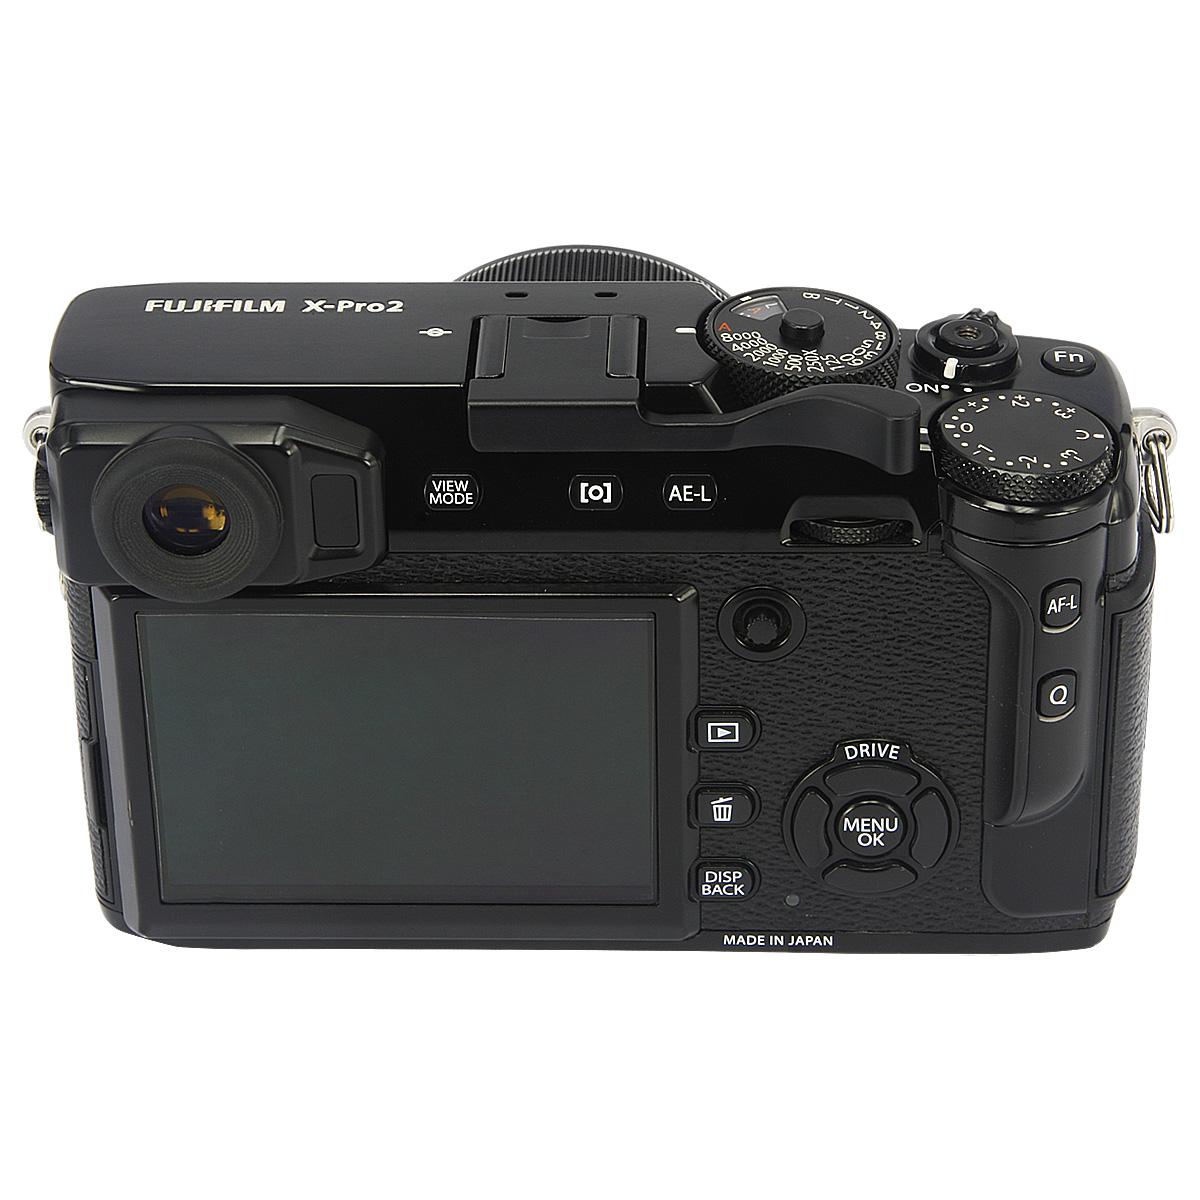 Zadní strana fotoaparátu Fujifilm X-Pro2 s tlačítkem Fn, které je ještě označené